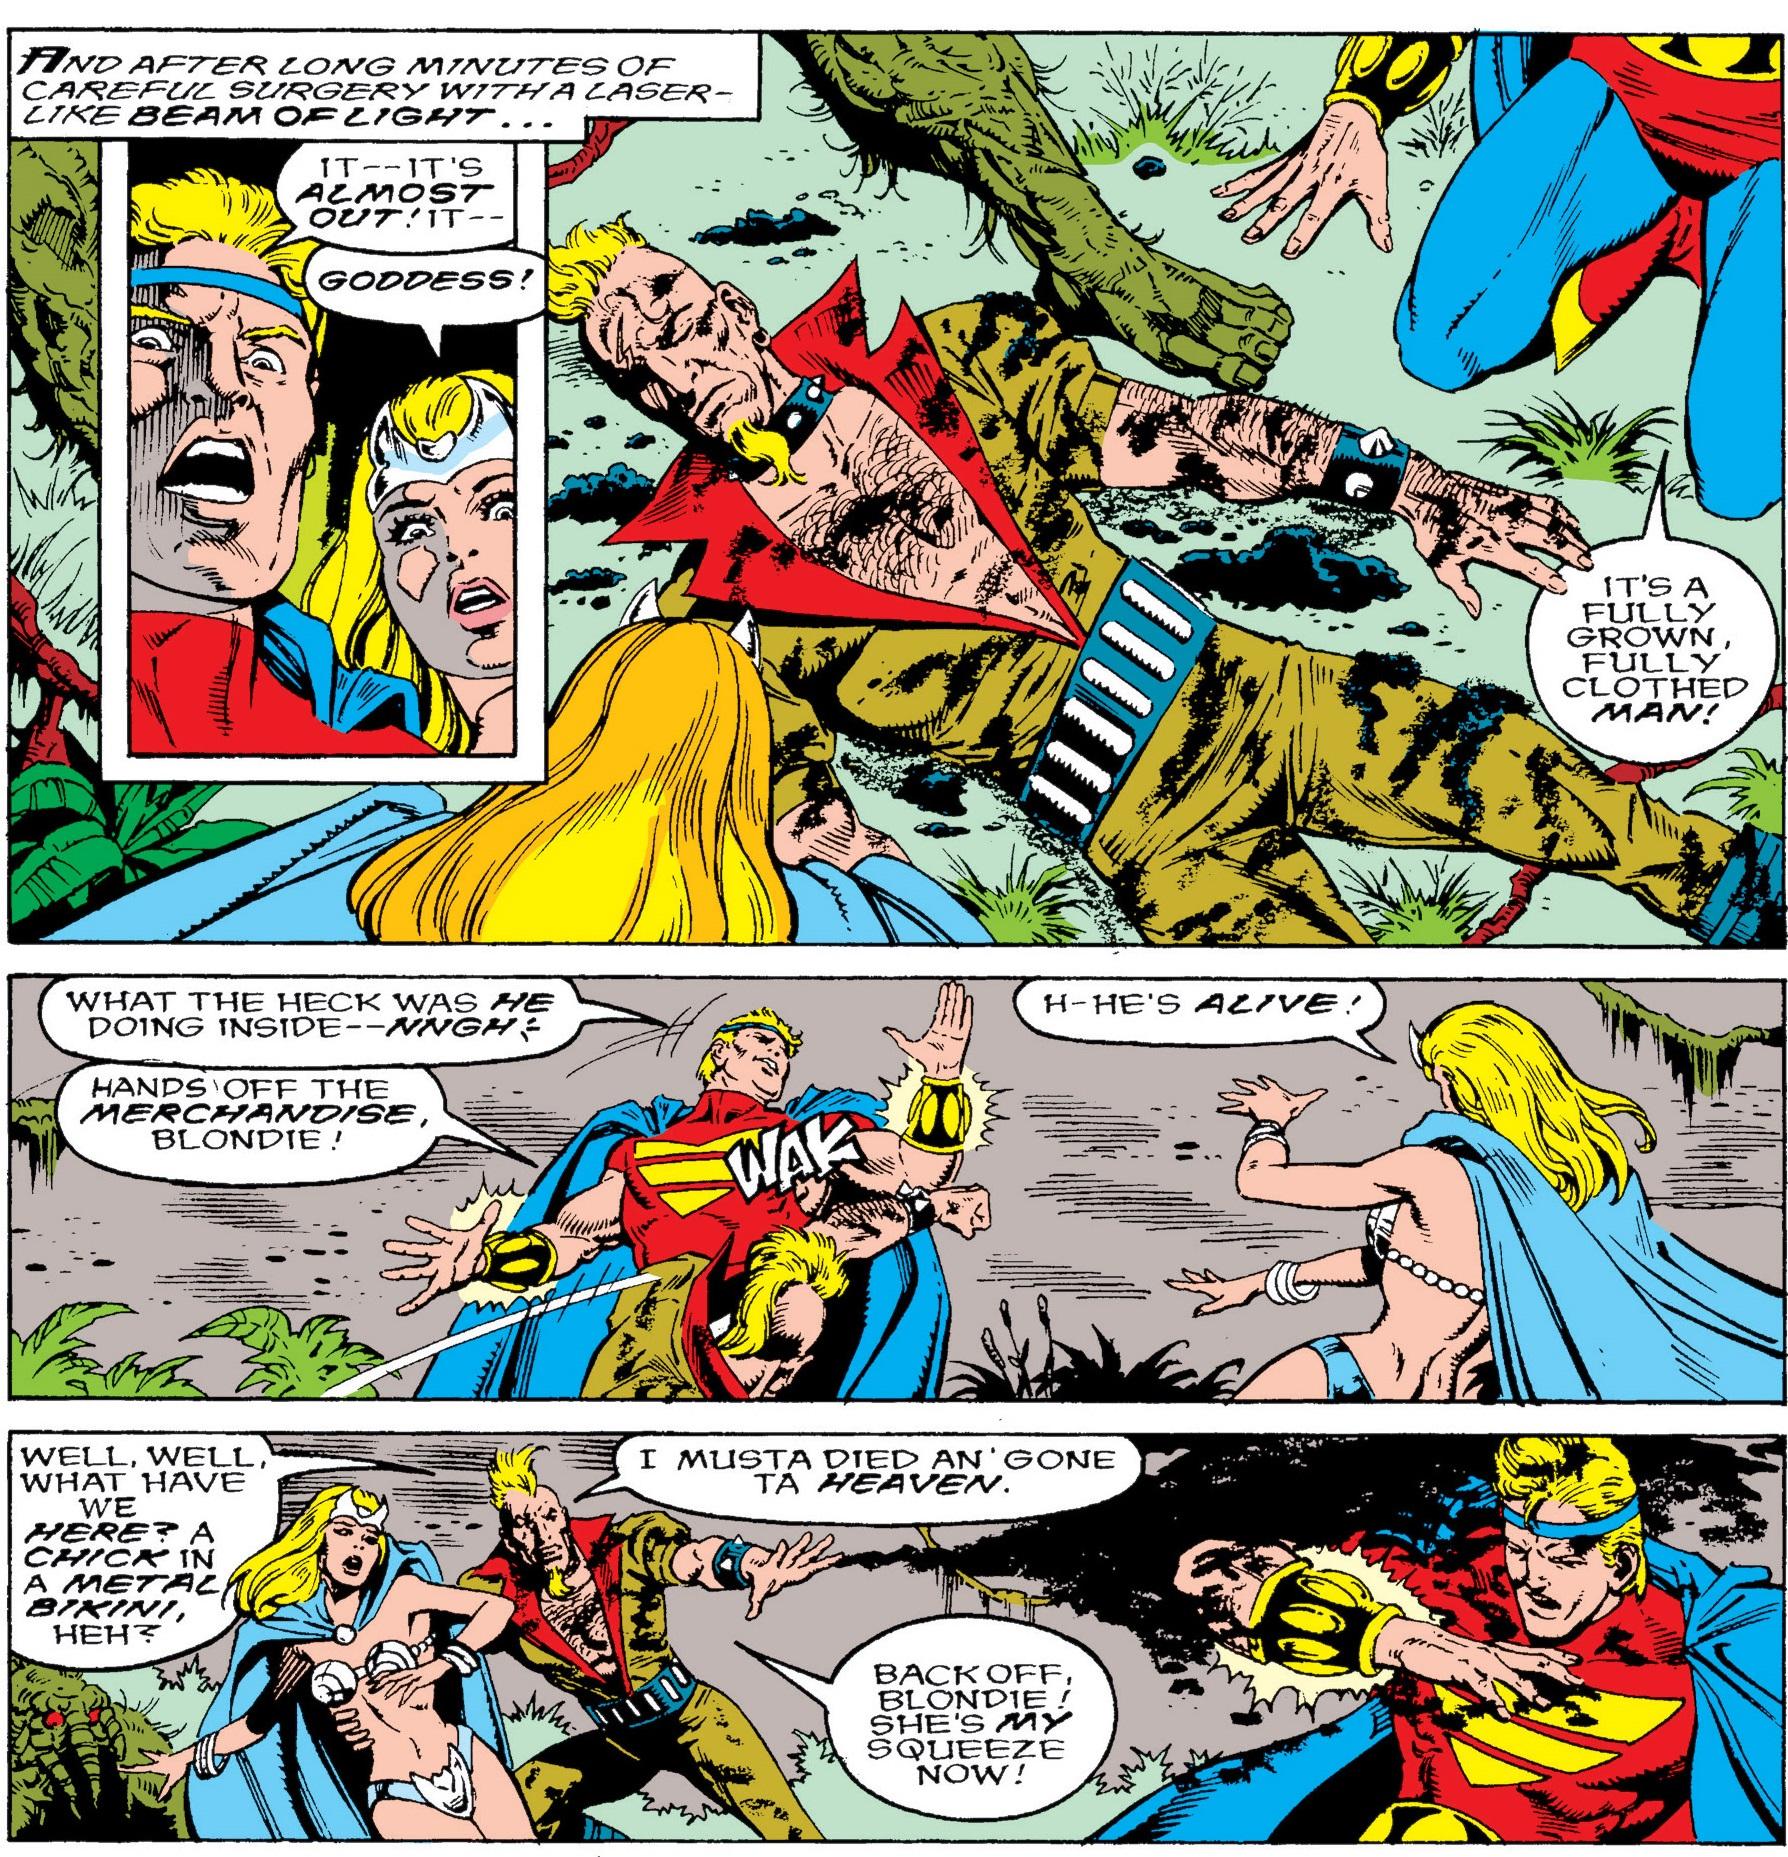 File:Quagmire Marvel.jpg